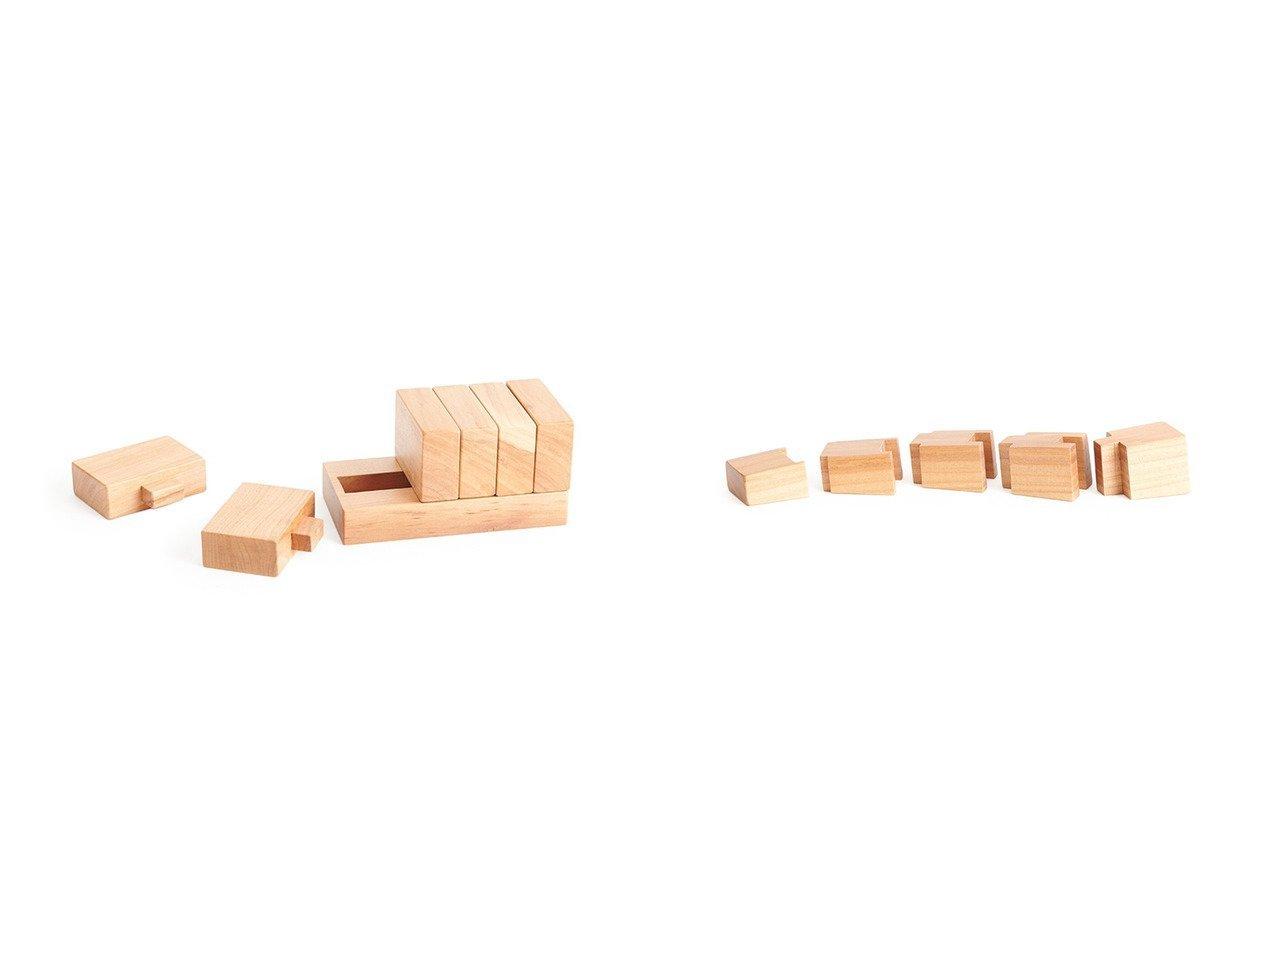 【Kimura Woodcraft Factory/木村木品製作所】のわらはんど きづき「むきをそろえる」 わらはんど きづき「むきをそろえる」&わらはんど きづき「まっすぐならべる」 わらはんど きづき「まっすぐならべる」 【日本製 キッズ FURNITURE】おすすめ!人気、インテリア雑貨・家具の通販 おすすめで人気の流行・トレンド、ファッションの通販商品 インテリア・家具・メンズファッション・キッズファッション・レディースファッション・服の通販 founy(ファニー) https://founy.com/ ホーム・キャンプ・アウトドア Home,Garden,Outdoor,Camping Gear 家具・インテリア Furniture キッズ家具 Kids' Furniture  ID:crp329100000055137